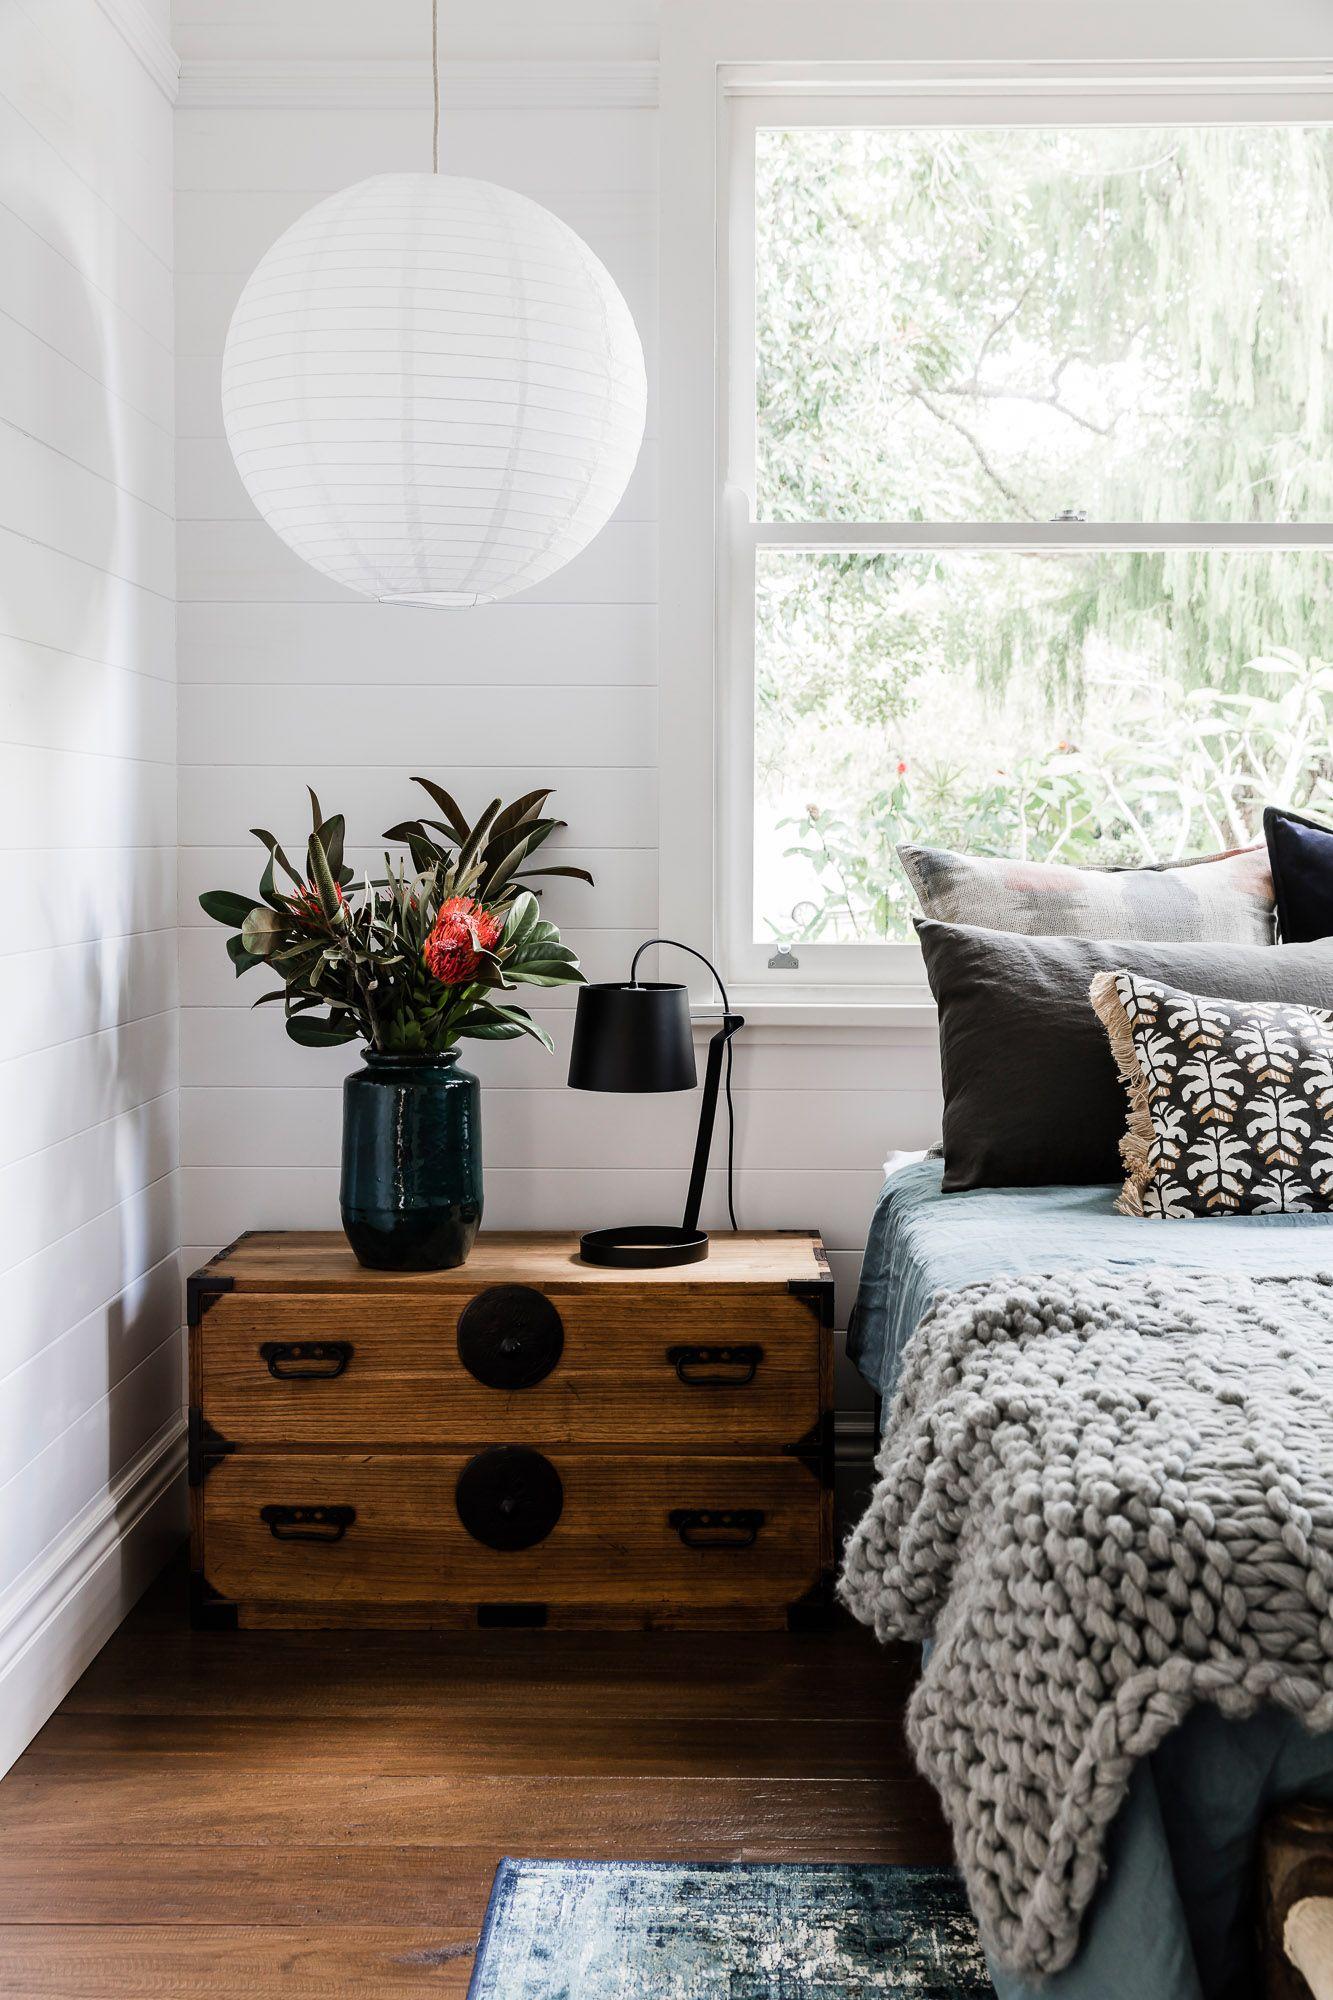 schlafzimmer schwarz weis grau, pin von jana izoldova auf i n t e r i o r s | pinterest, Design ideen